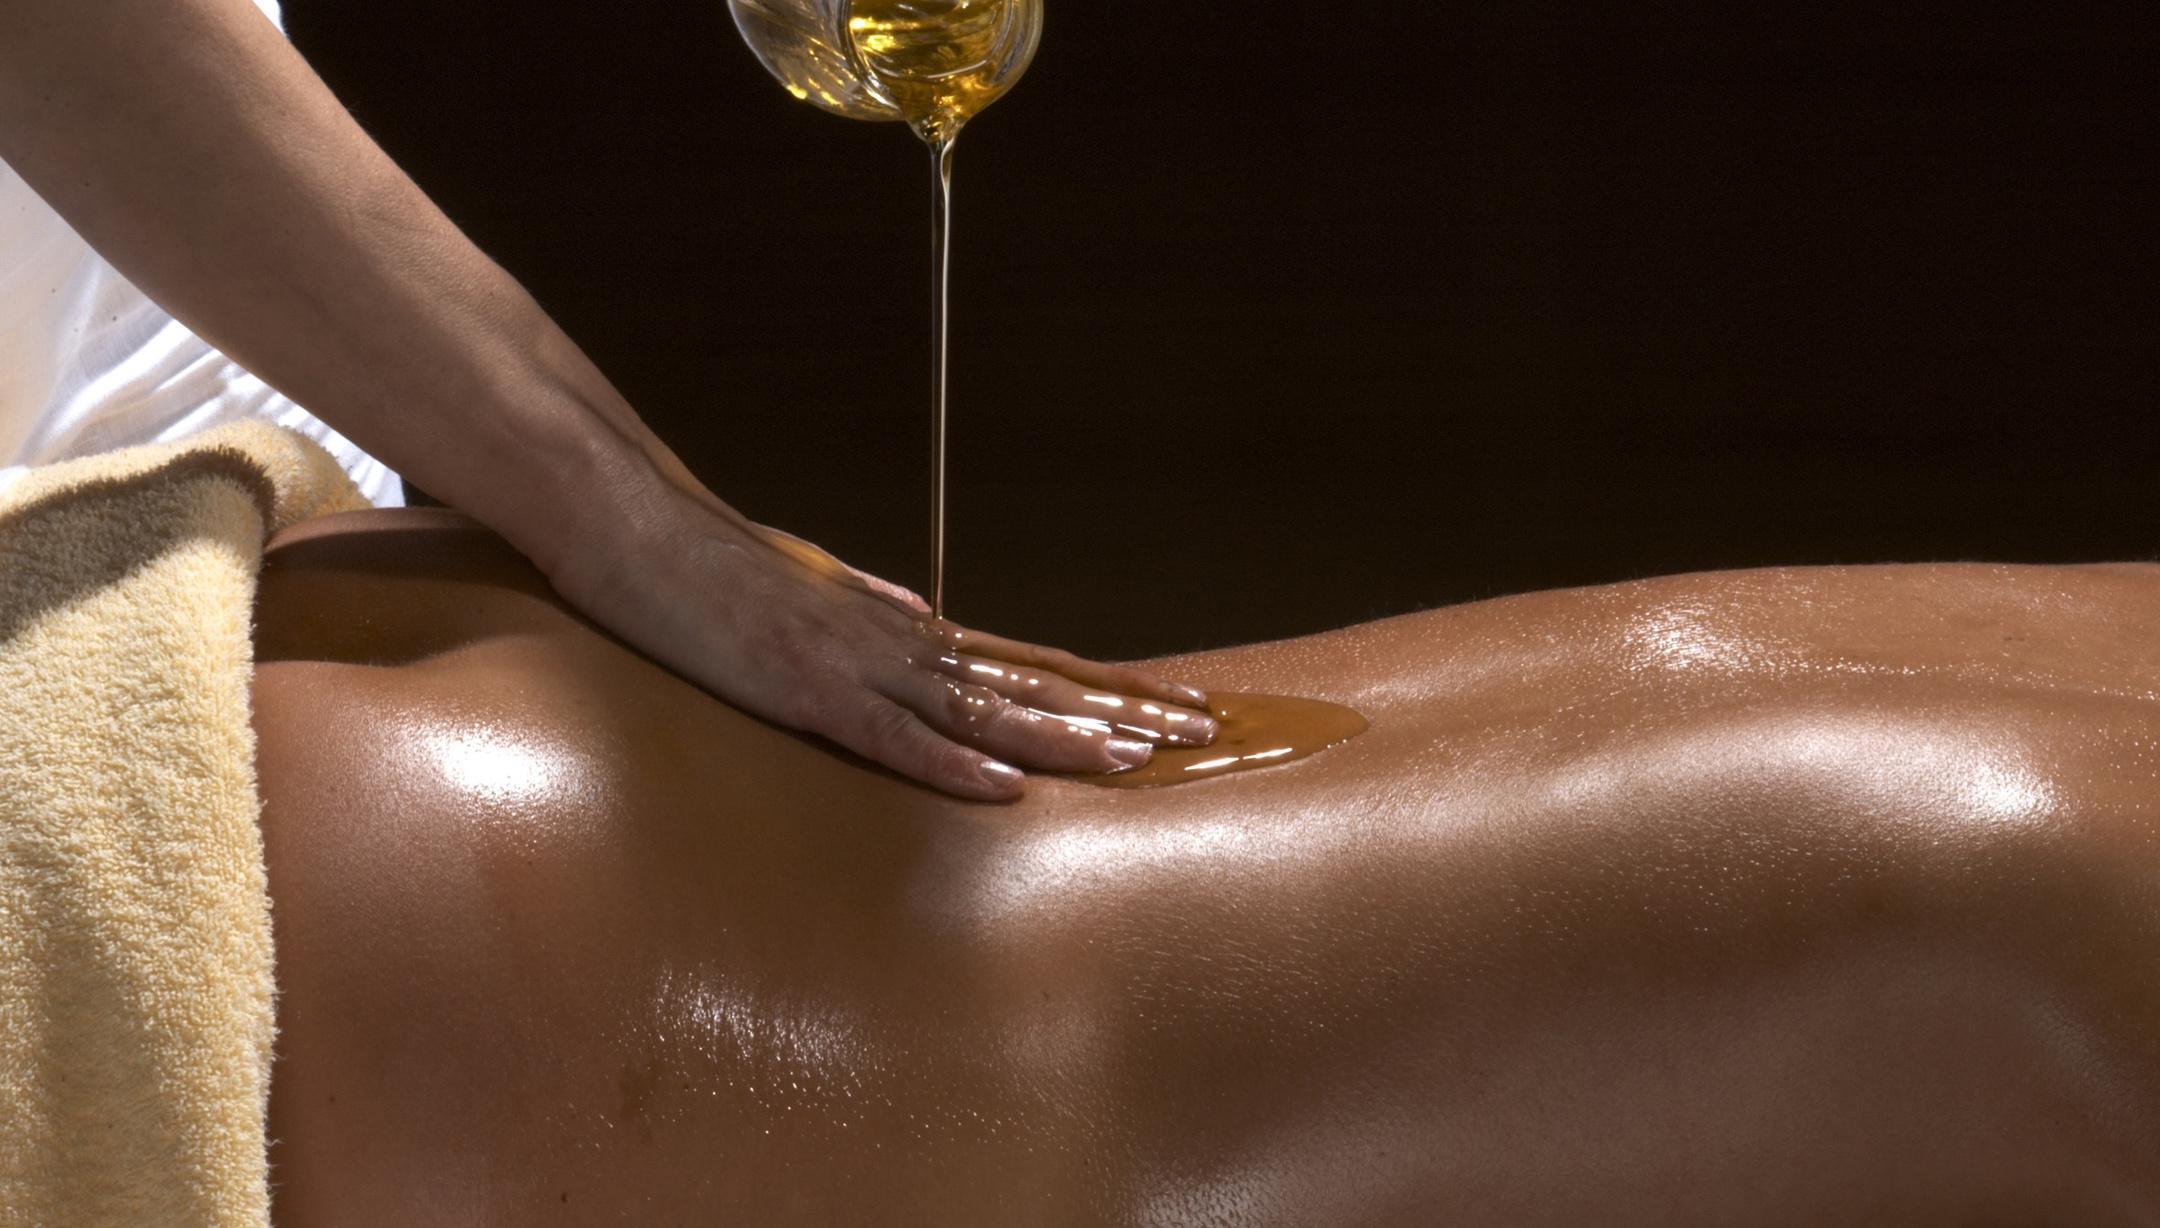 incall massage amazing nuru massage